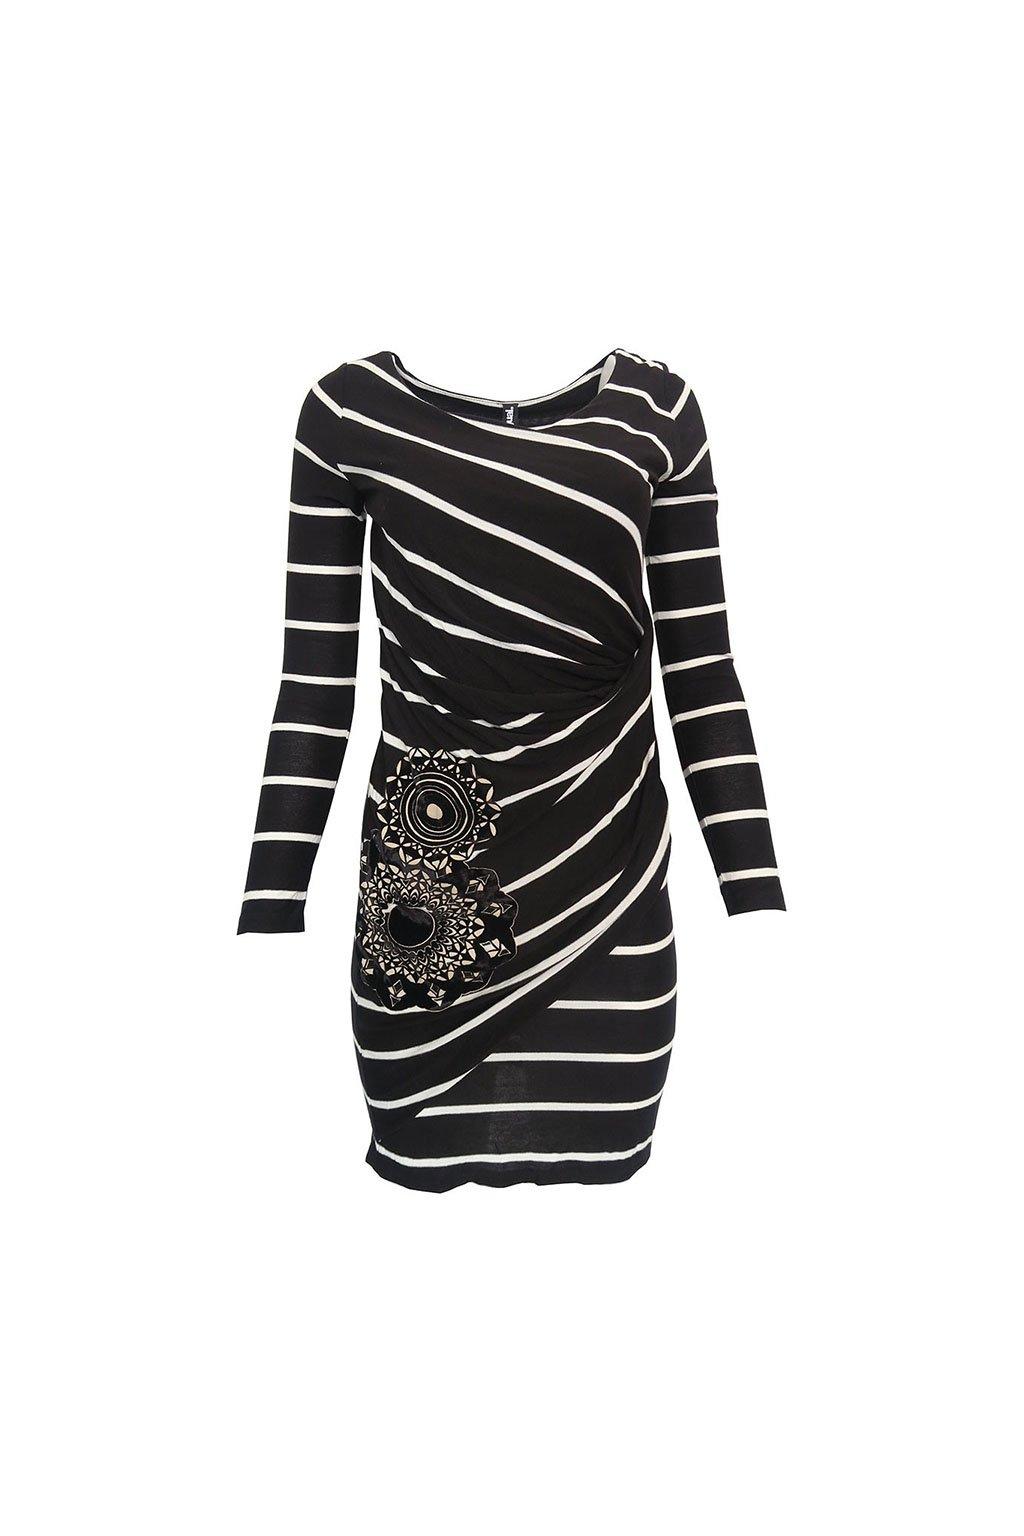 Černobílé pruhované šaty Desigual